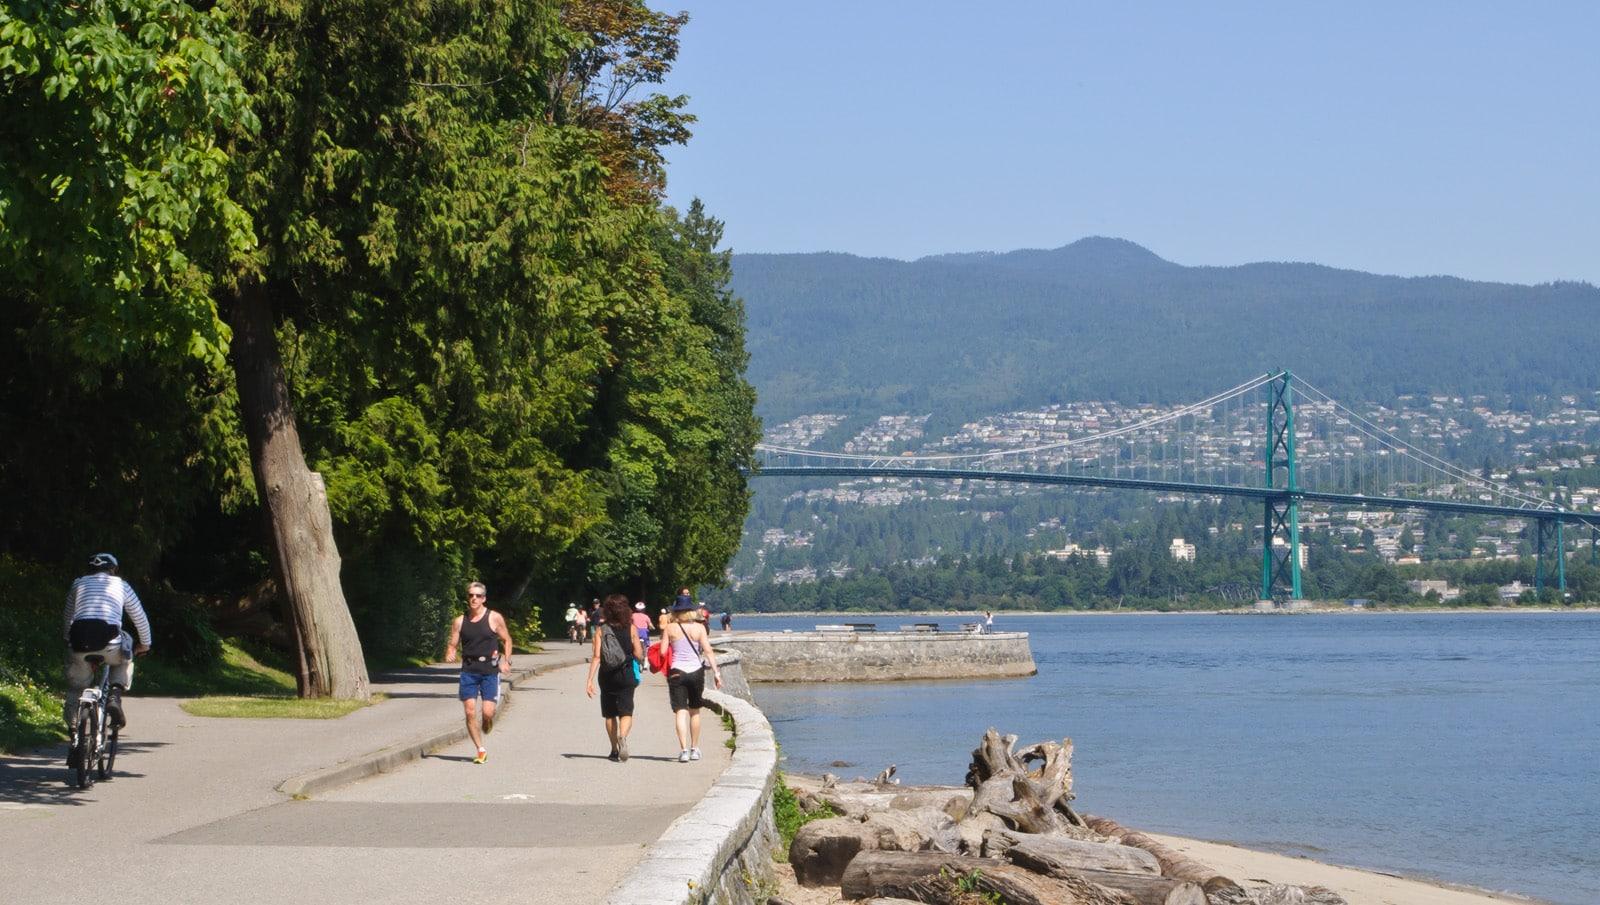 séjour linguistique canada vancouver promenade